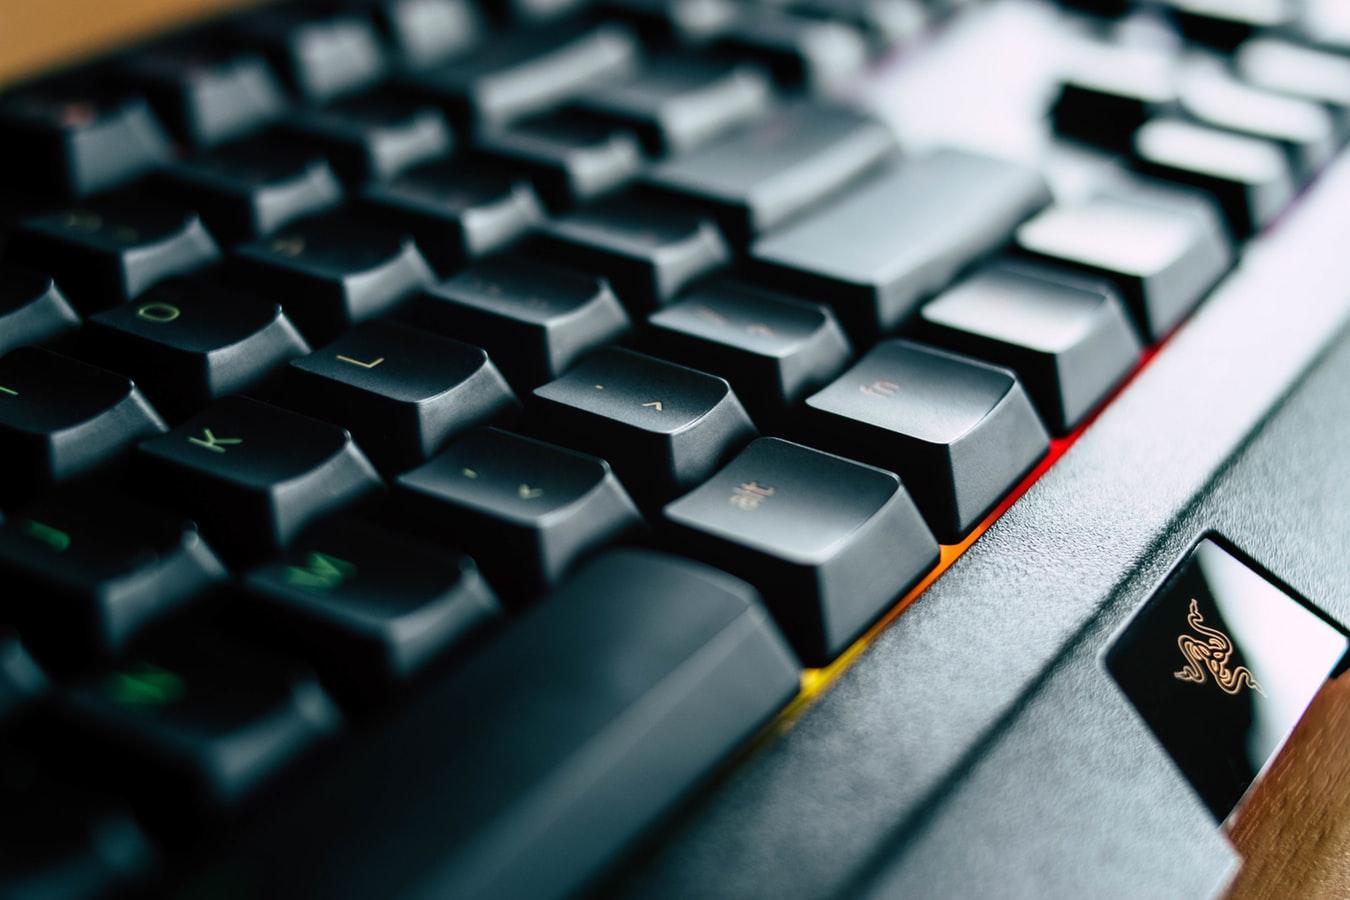 El Gobierno de Navarra concede a Conasa la renovación del contrato de mantenimiento informático